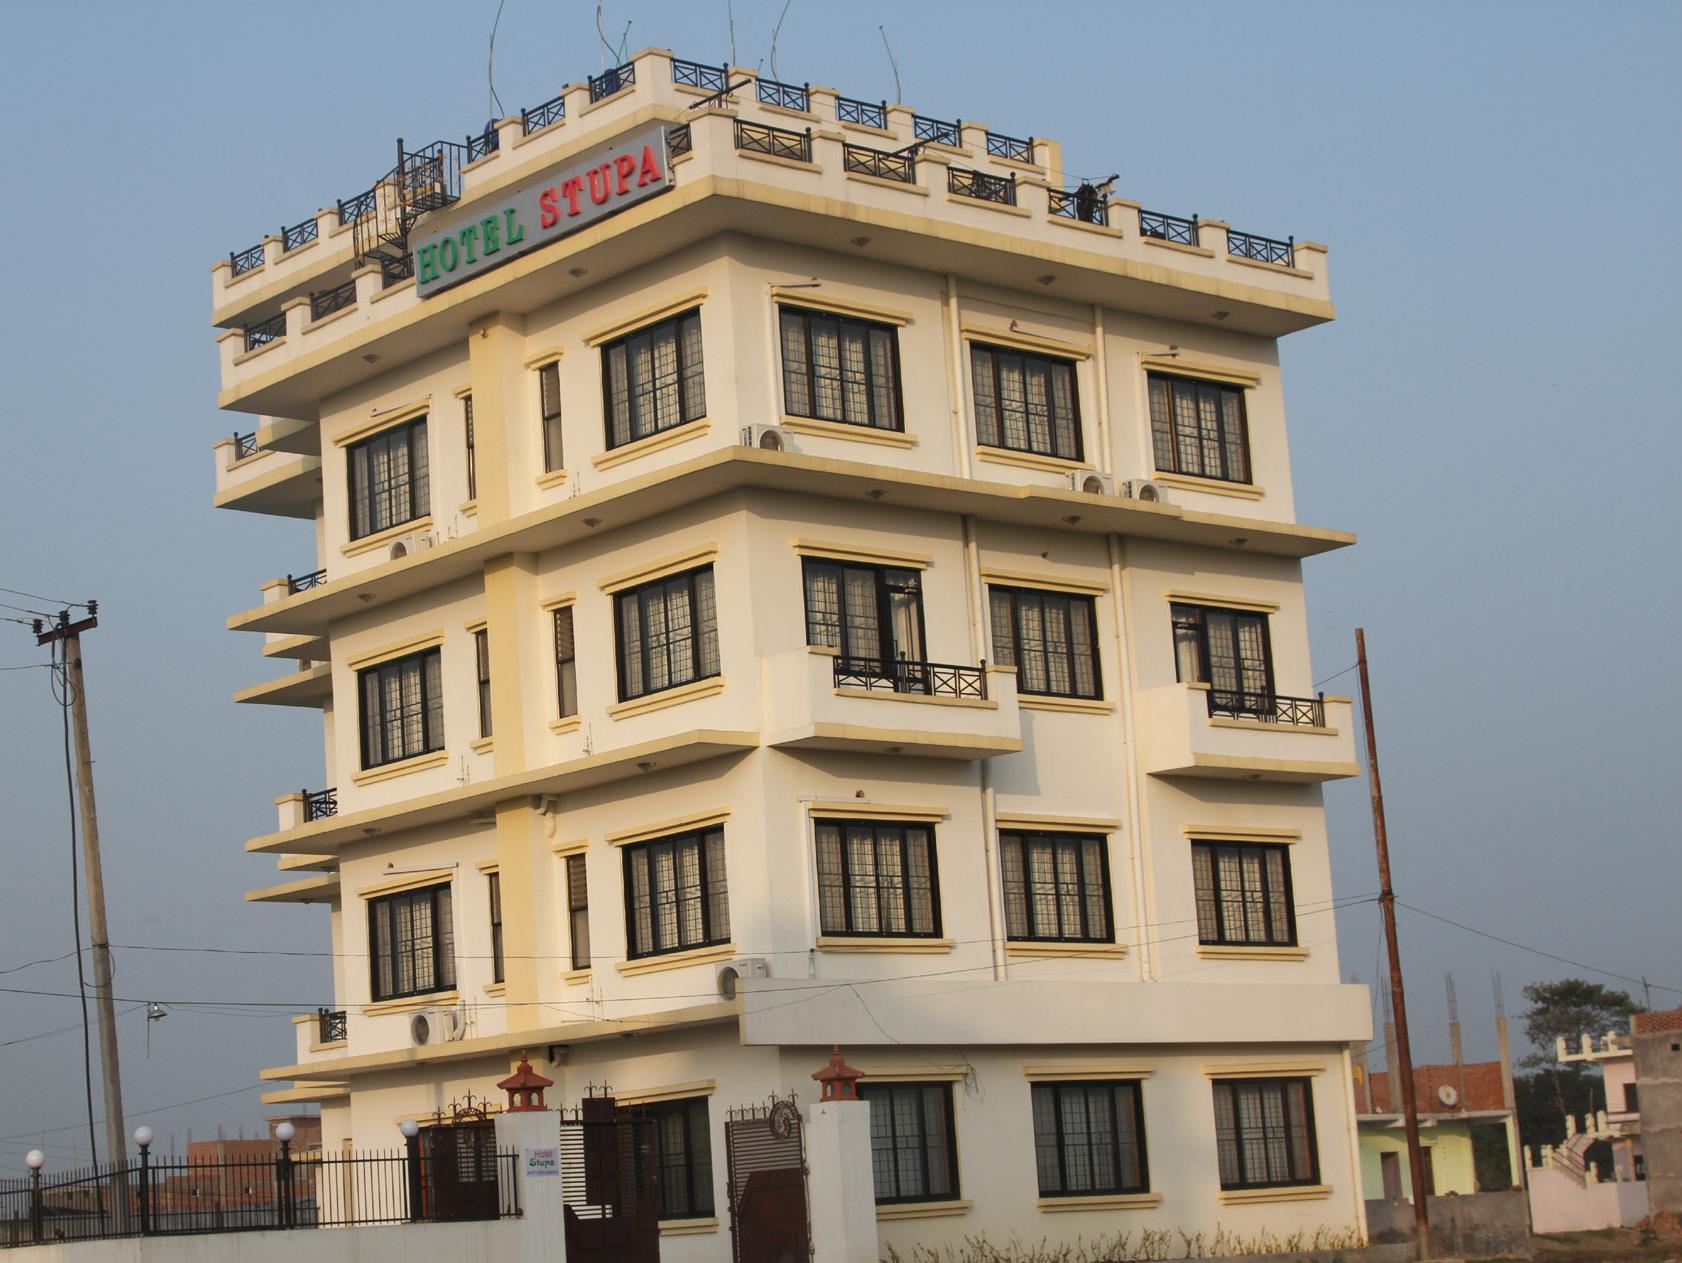 Hotel Stupa